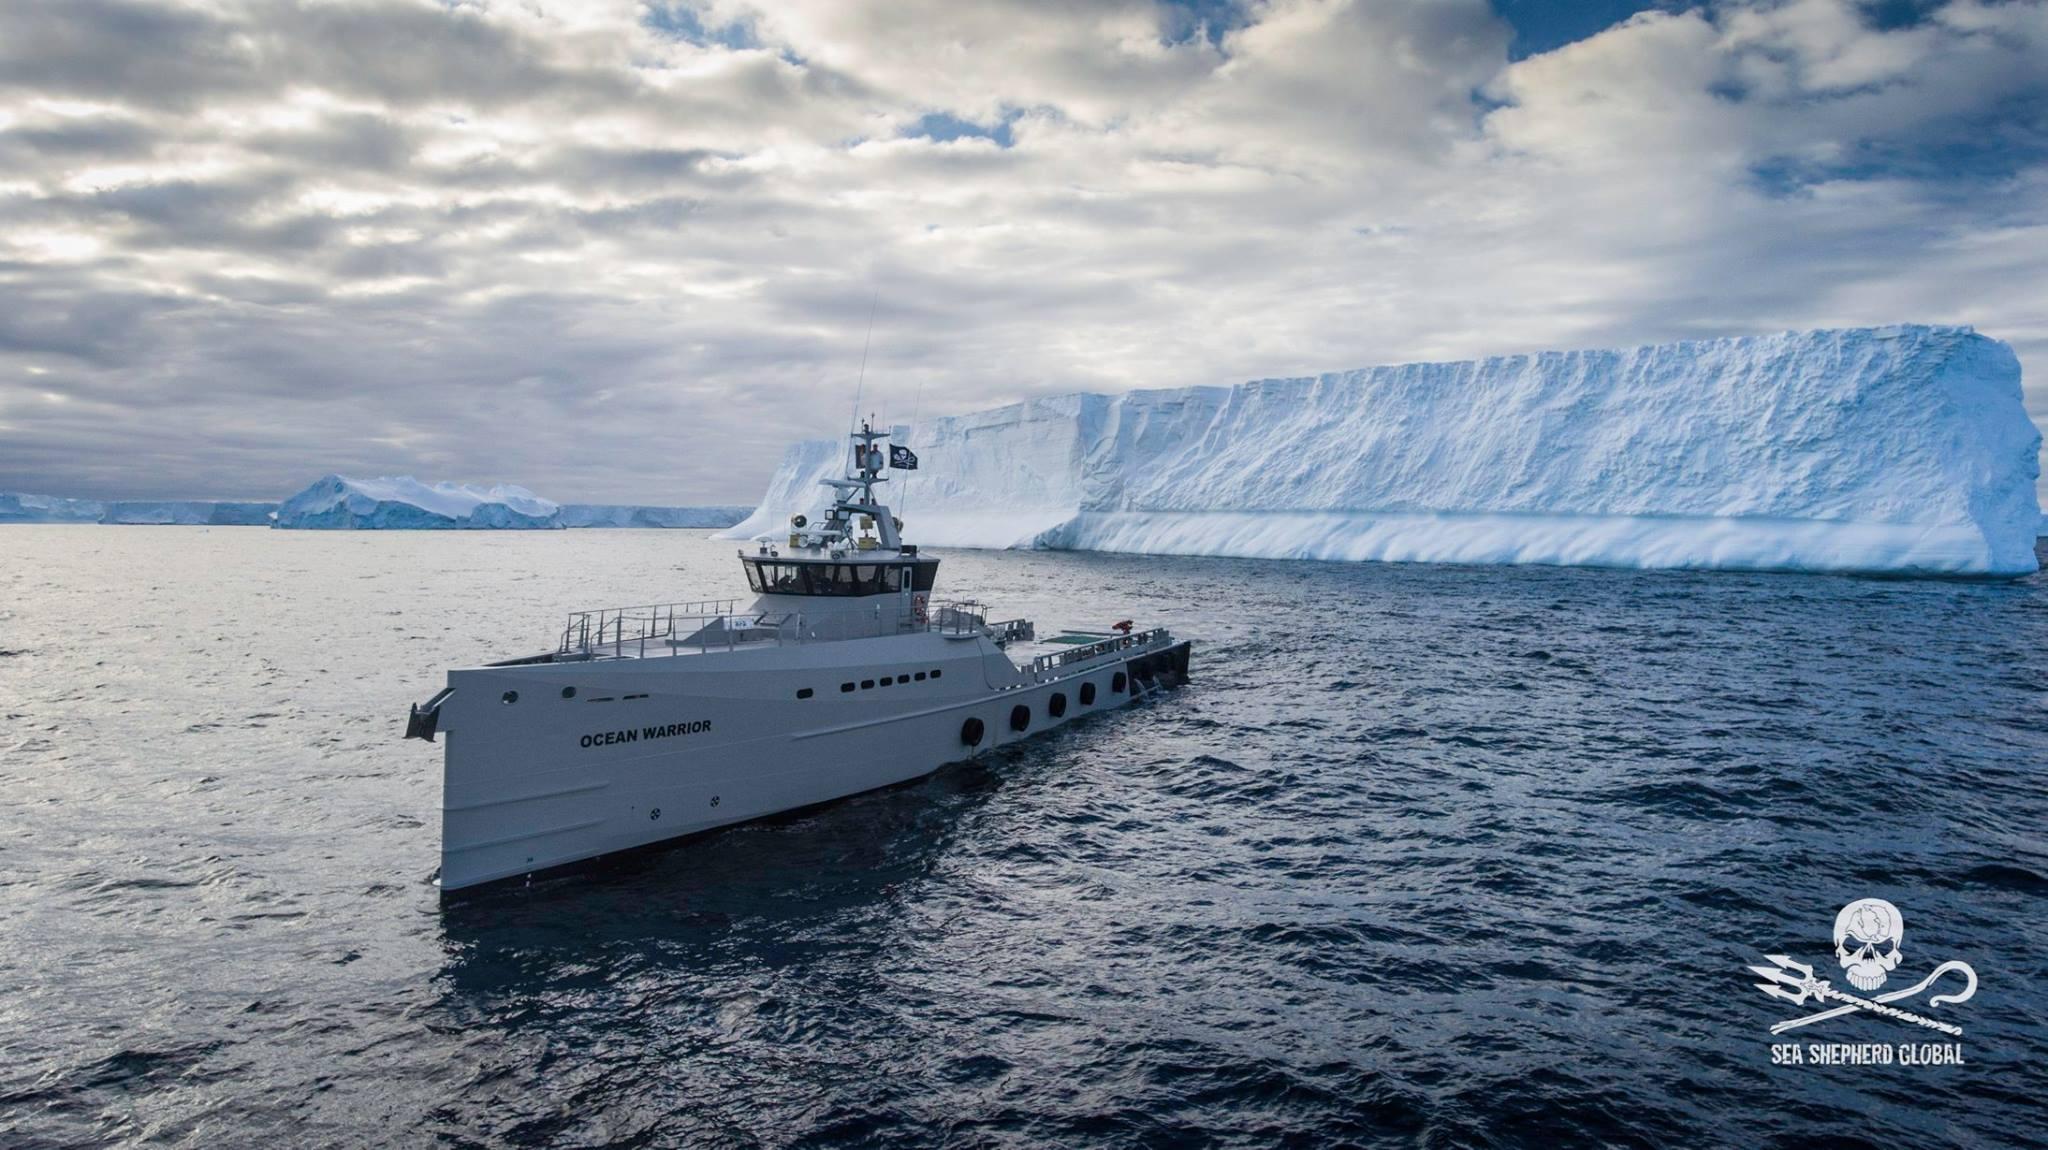 Environmental Justice in Antarctica